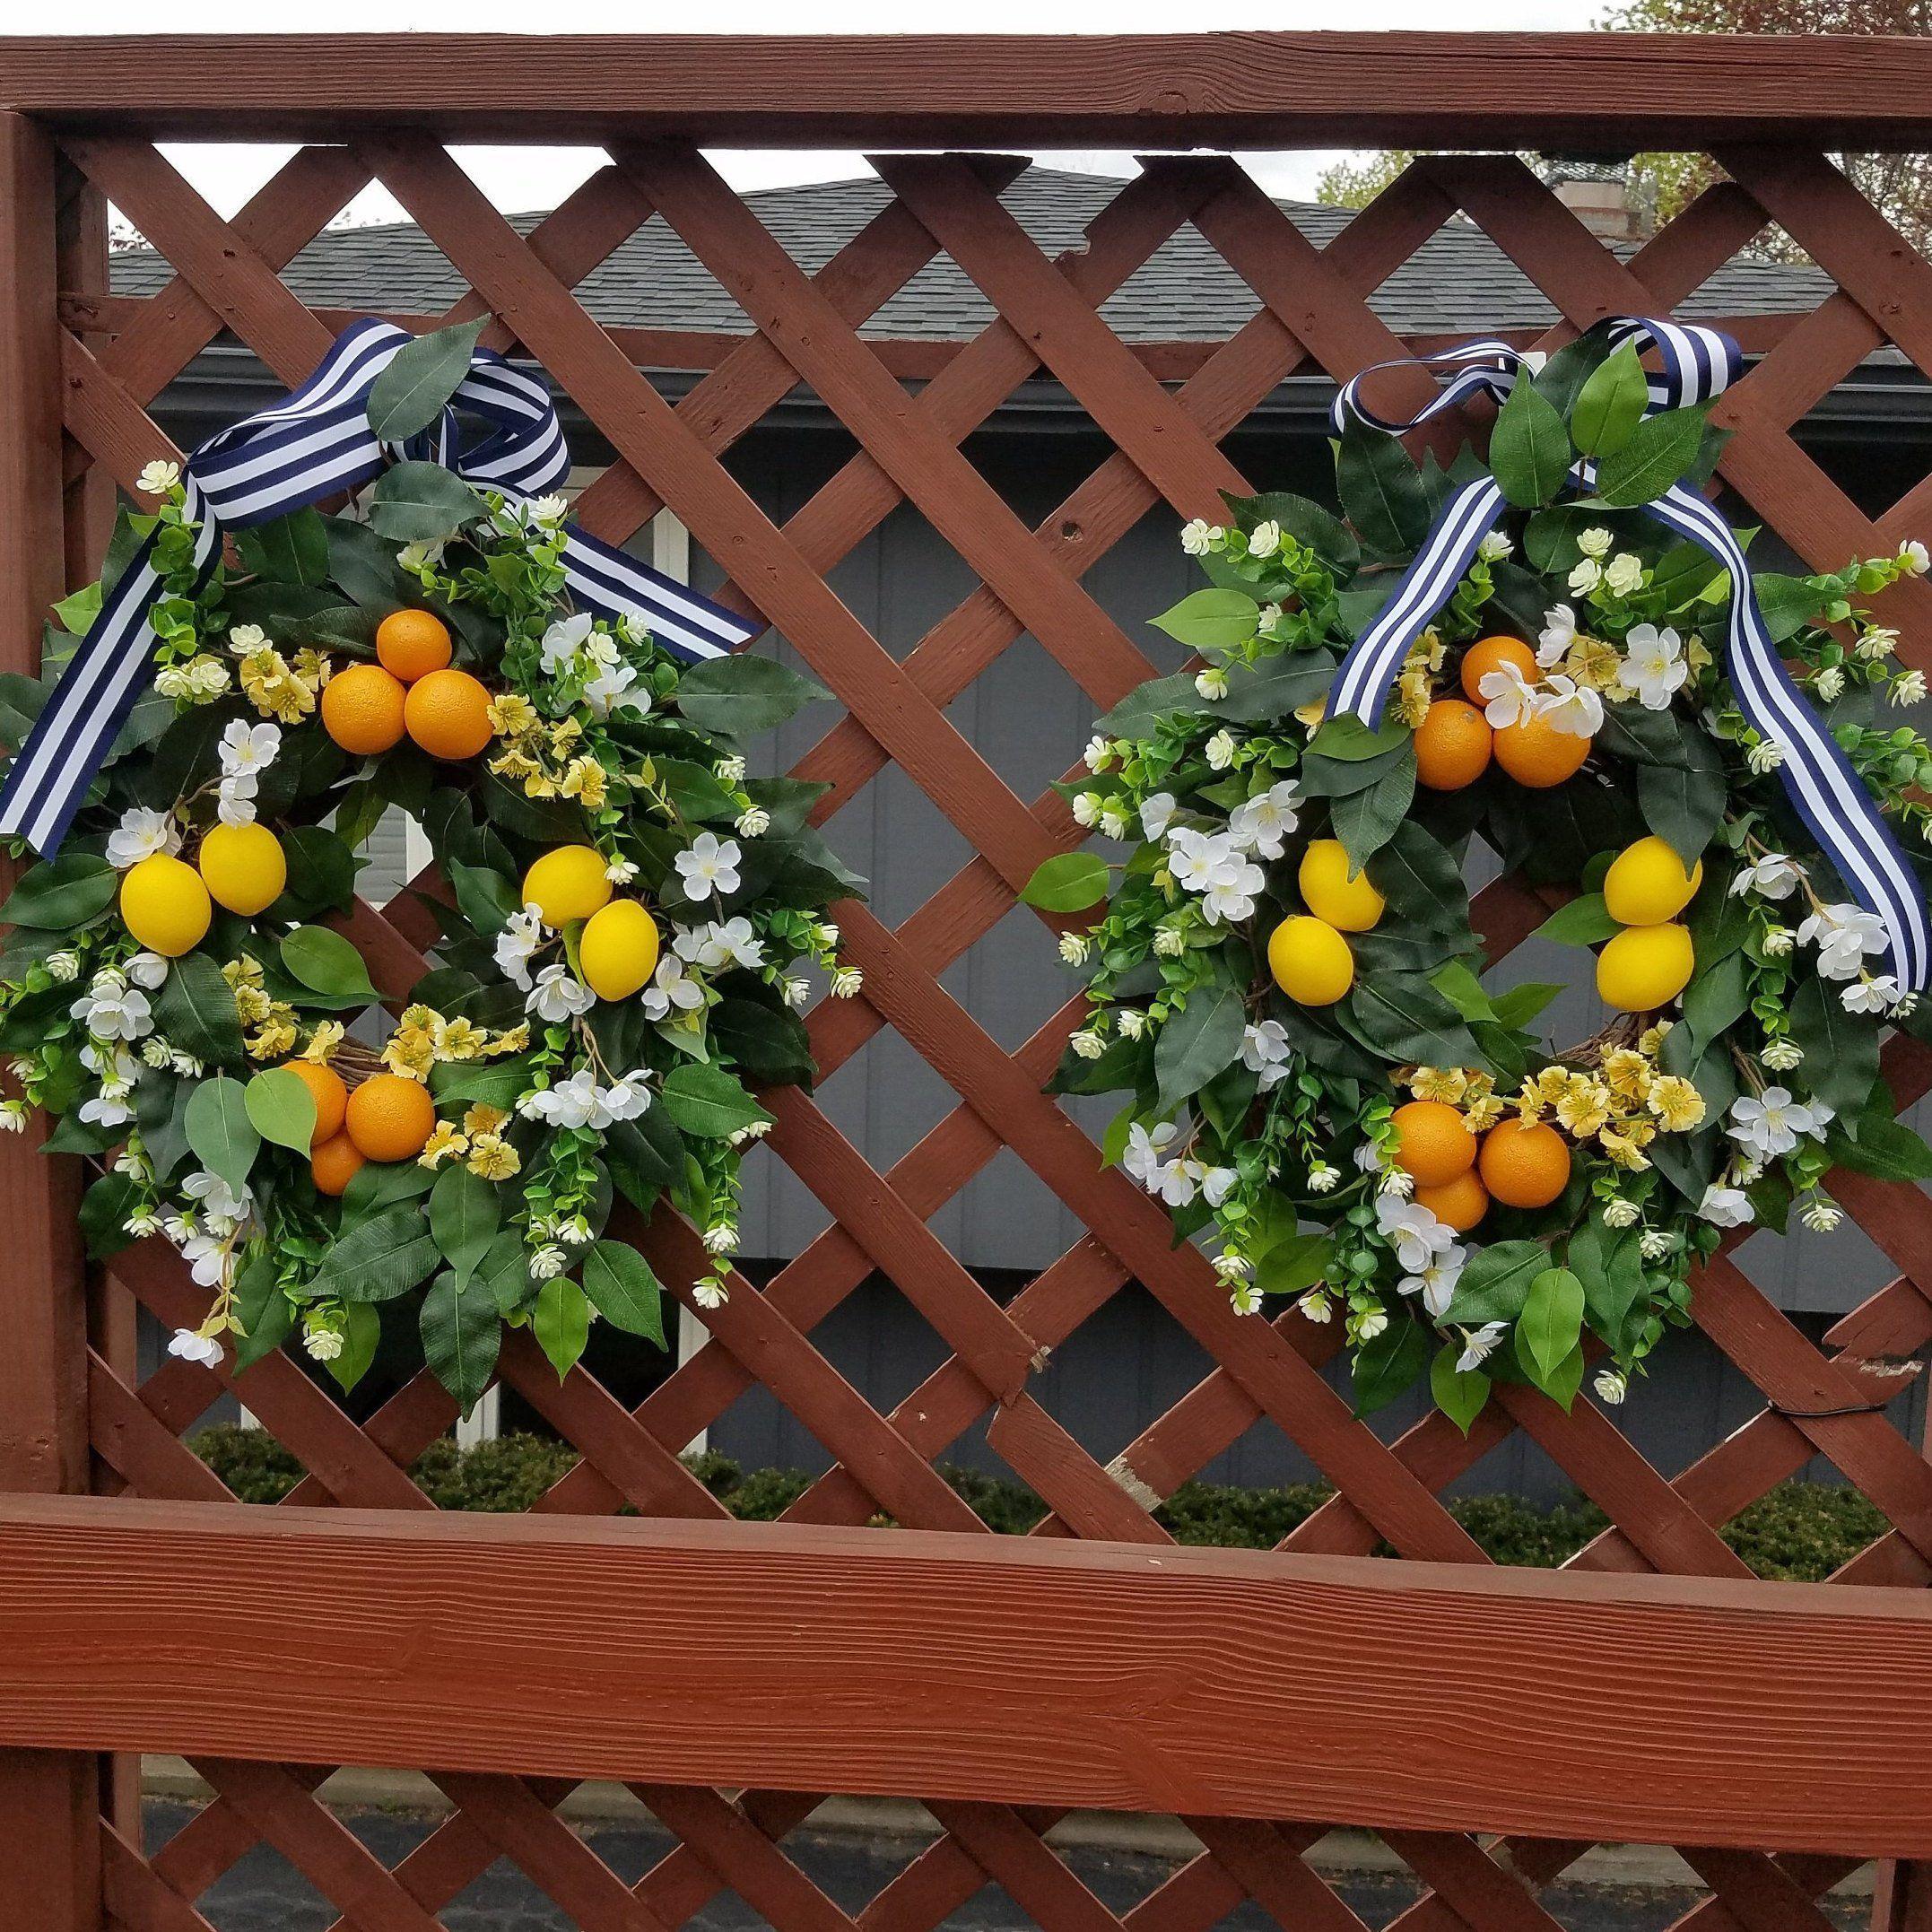 Lemon Wreaths for Double Doors, Summer Door Wreath, Lemons and Oranges Wreath,Family Door Wreath #doubledoorwreaths We sell all types of indoor & outdoor wreaths: Grapevine Wreaths, Metal Hoop Wreath , Lemon Wreaths for Double Doors , Family Door Wreath, Summer Door Wreaths, Double Door Wreaths, Farmhouse Wreath, Summer Door Decor, Lemons  and Oranges Wreaths, Floral Wreaths, Artificial Wreaths, Double Wreath,Front Door Wreath, This listing is for Lemon Wreaths For Double Doors ! Dress up your f #doubledoorwreaths